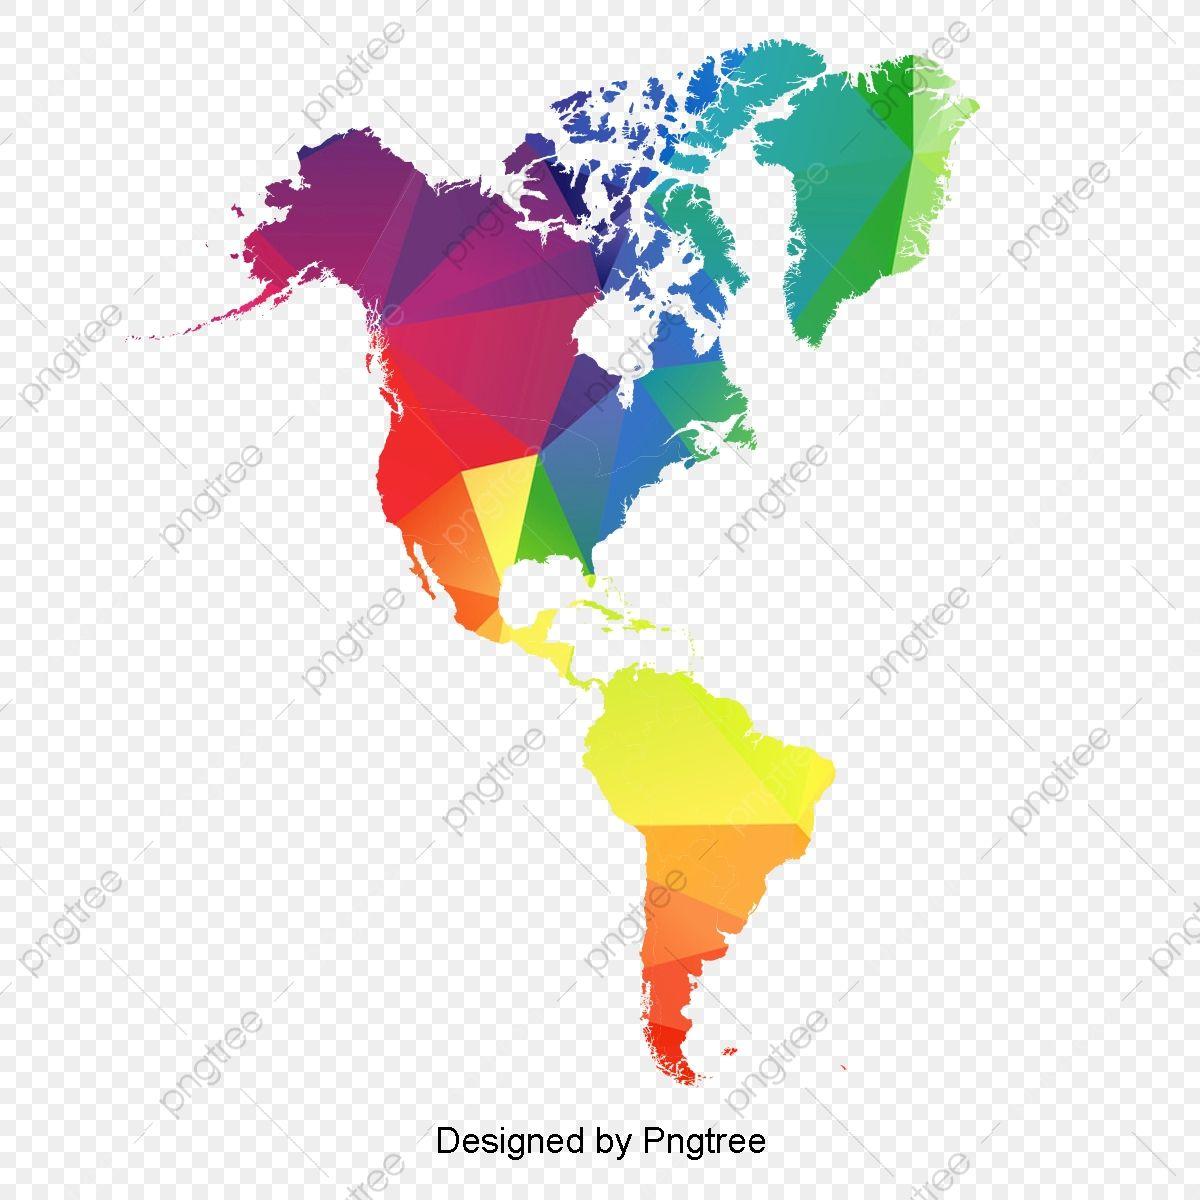 America Del Sur Mapa Estados Unidos Mapa Vector Material Mapa Vector America America Del Sur Png Y Psd Para Descargar Gratis Pngtree South America Map America Map United States Map